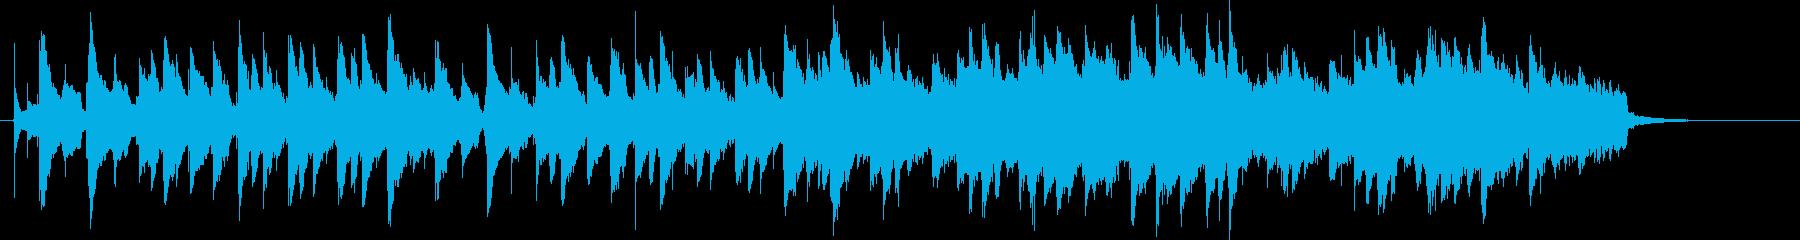 可愛らしい朝の目覚めのオルゴールの再生済みの波形